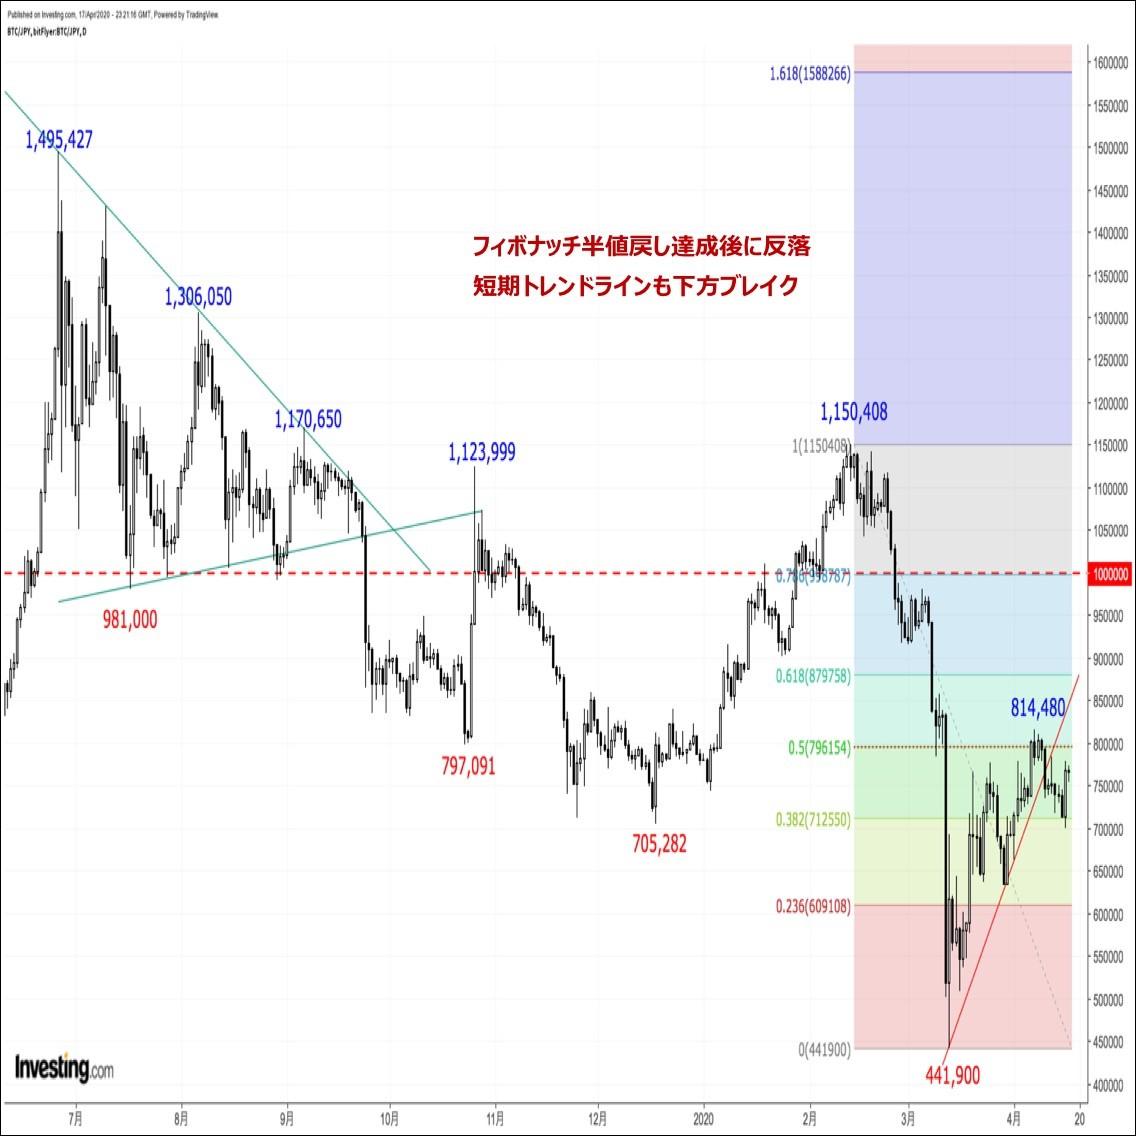 ビットコインの価格分析:『一目均衡表雲上限トライ失敗でリスクはややダウンサイドに傾斜か』